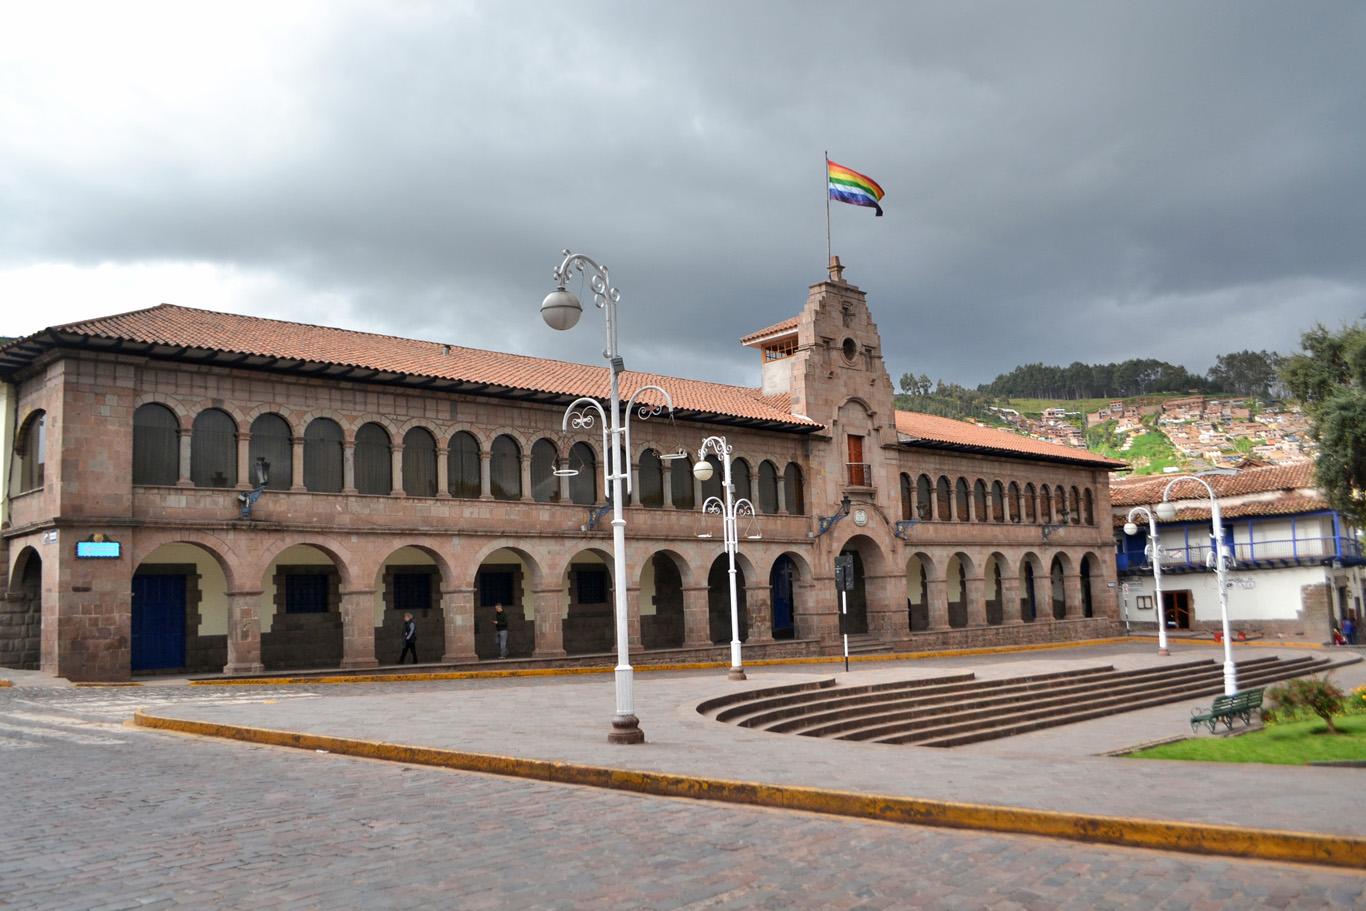 Plaza de San Francisco - The rainbow flag is the flag of Cuzco